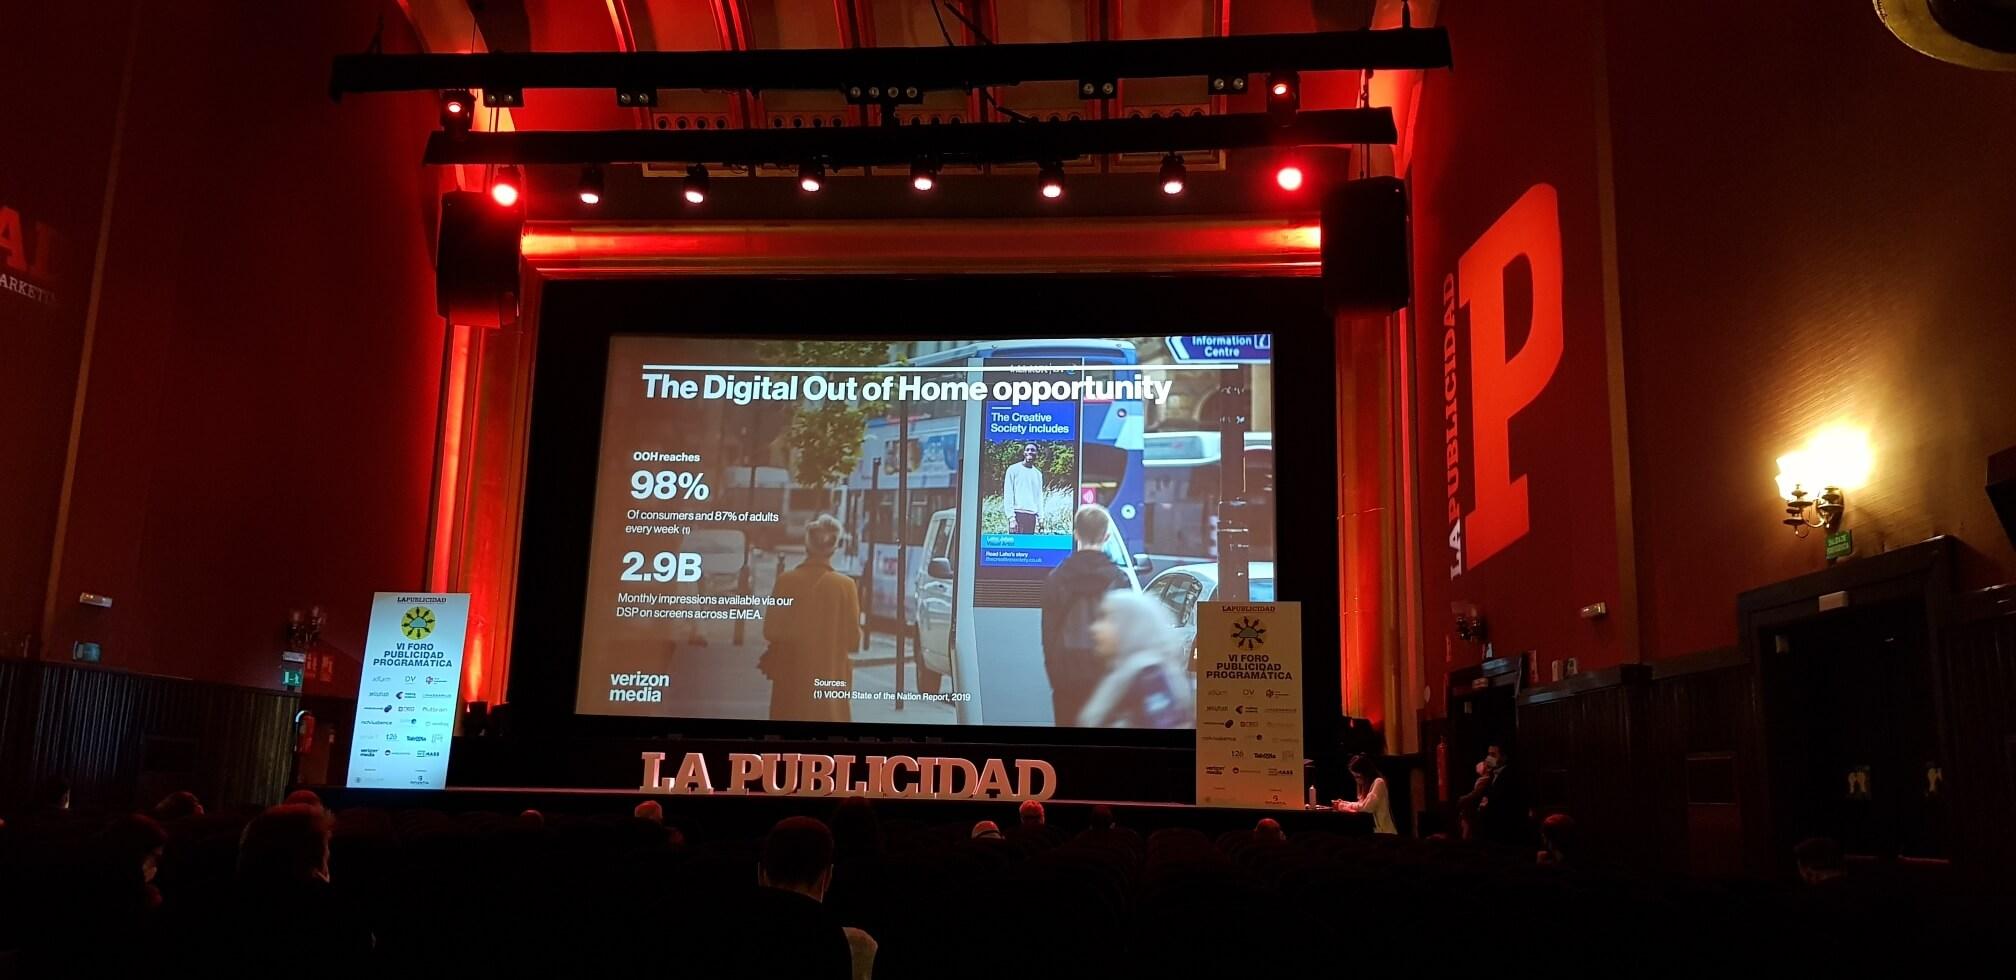 CALLAO CITY LIGHTS, HOSTS THE VI PROGRAMMATIC ADVERTISING FORUM ORGANIZED BY LA PUBLICIDAD